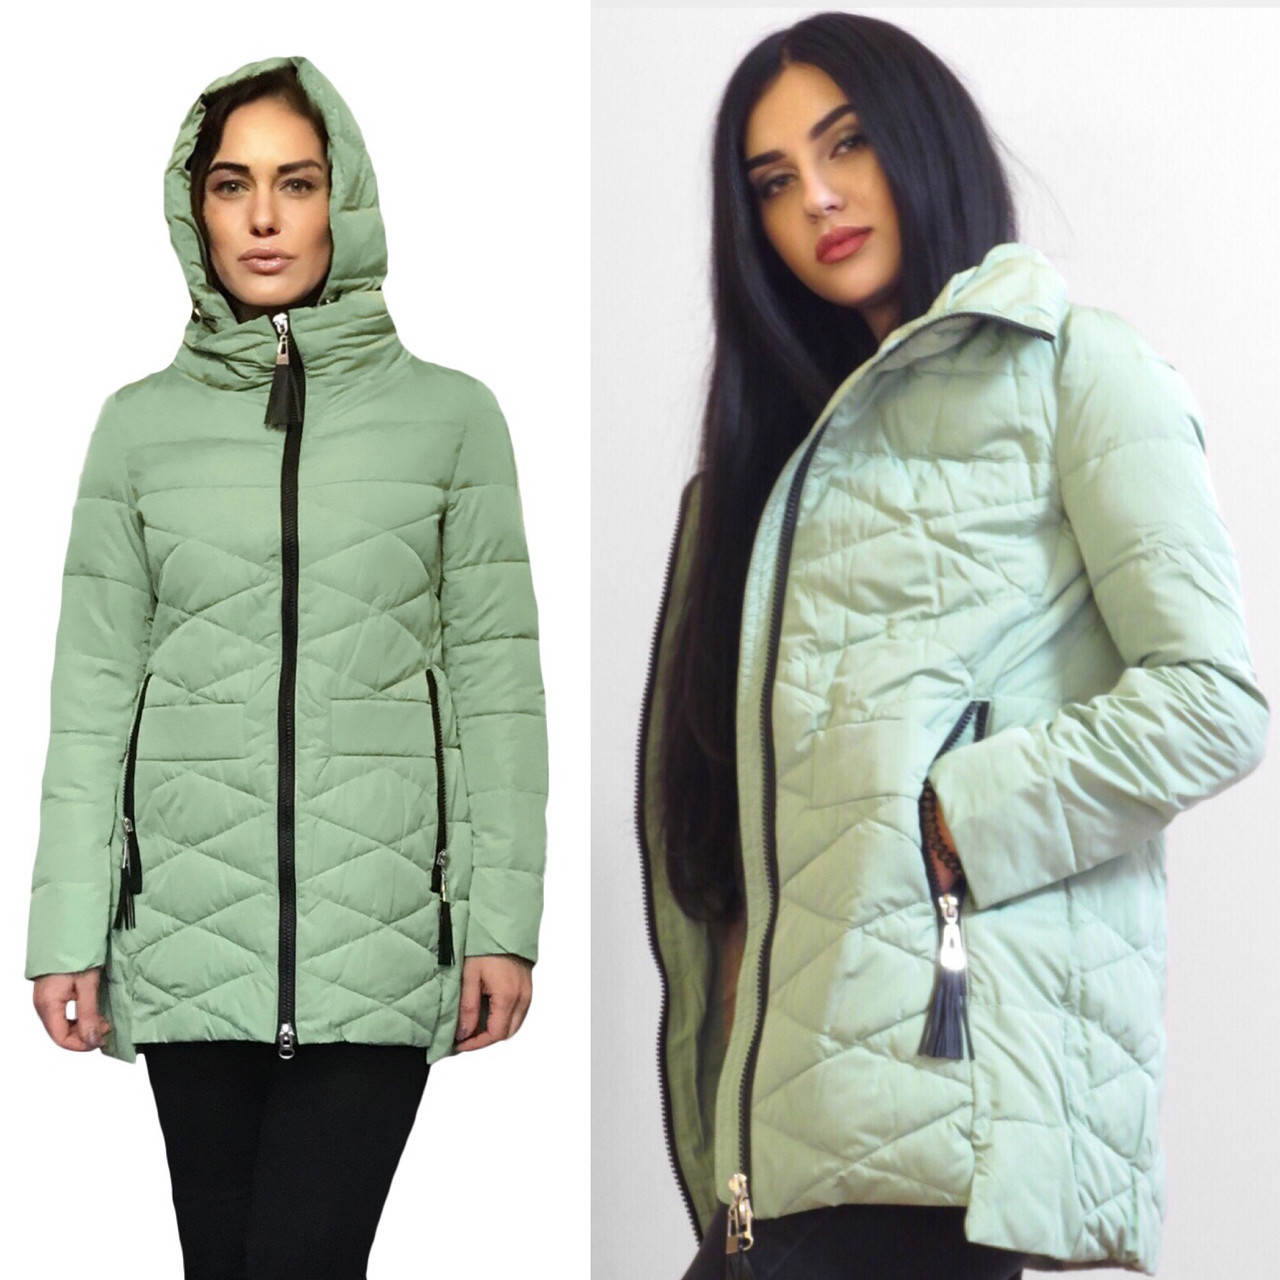 Куртки Женские Демисезонные Утепленные . Фабричный Китай Размеры 42-46 в наличии